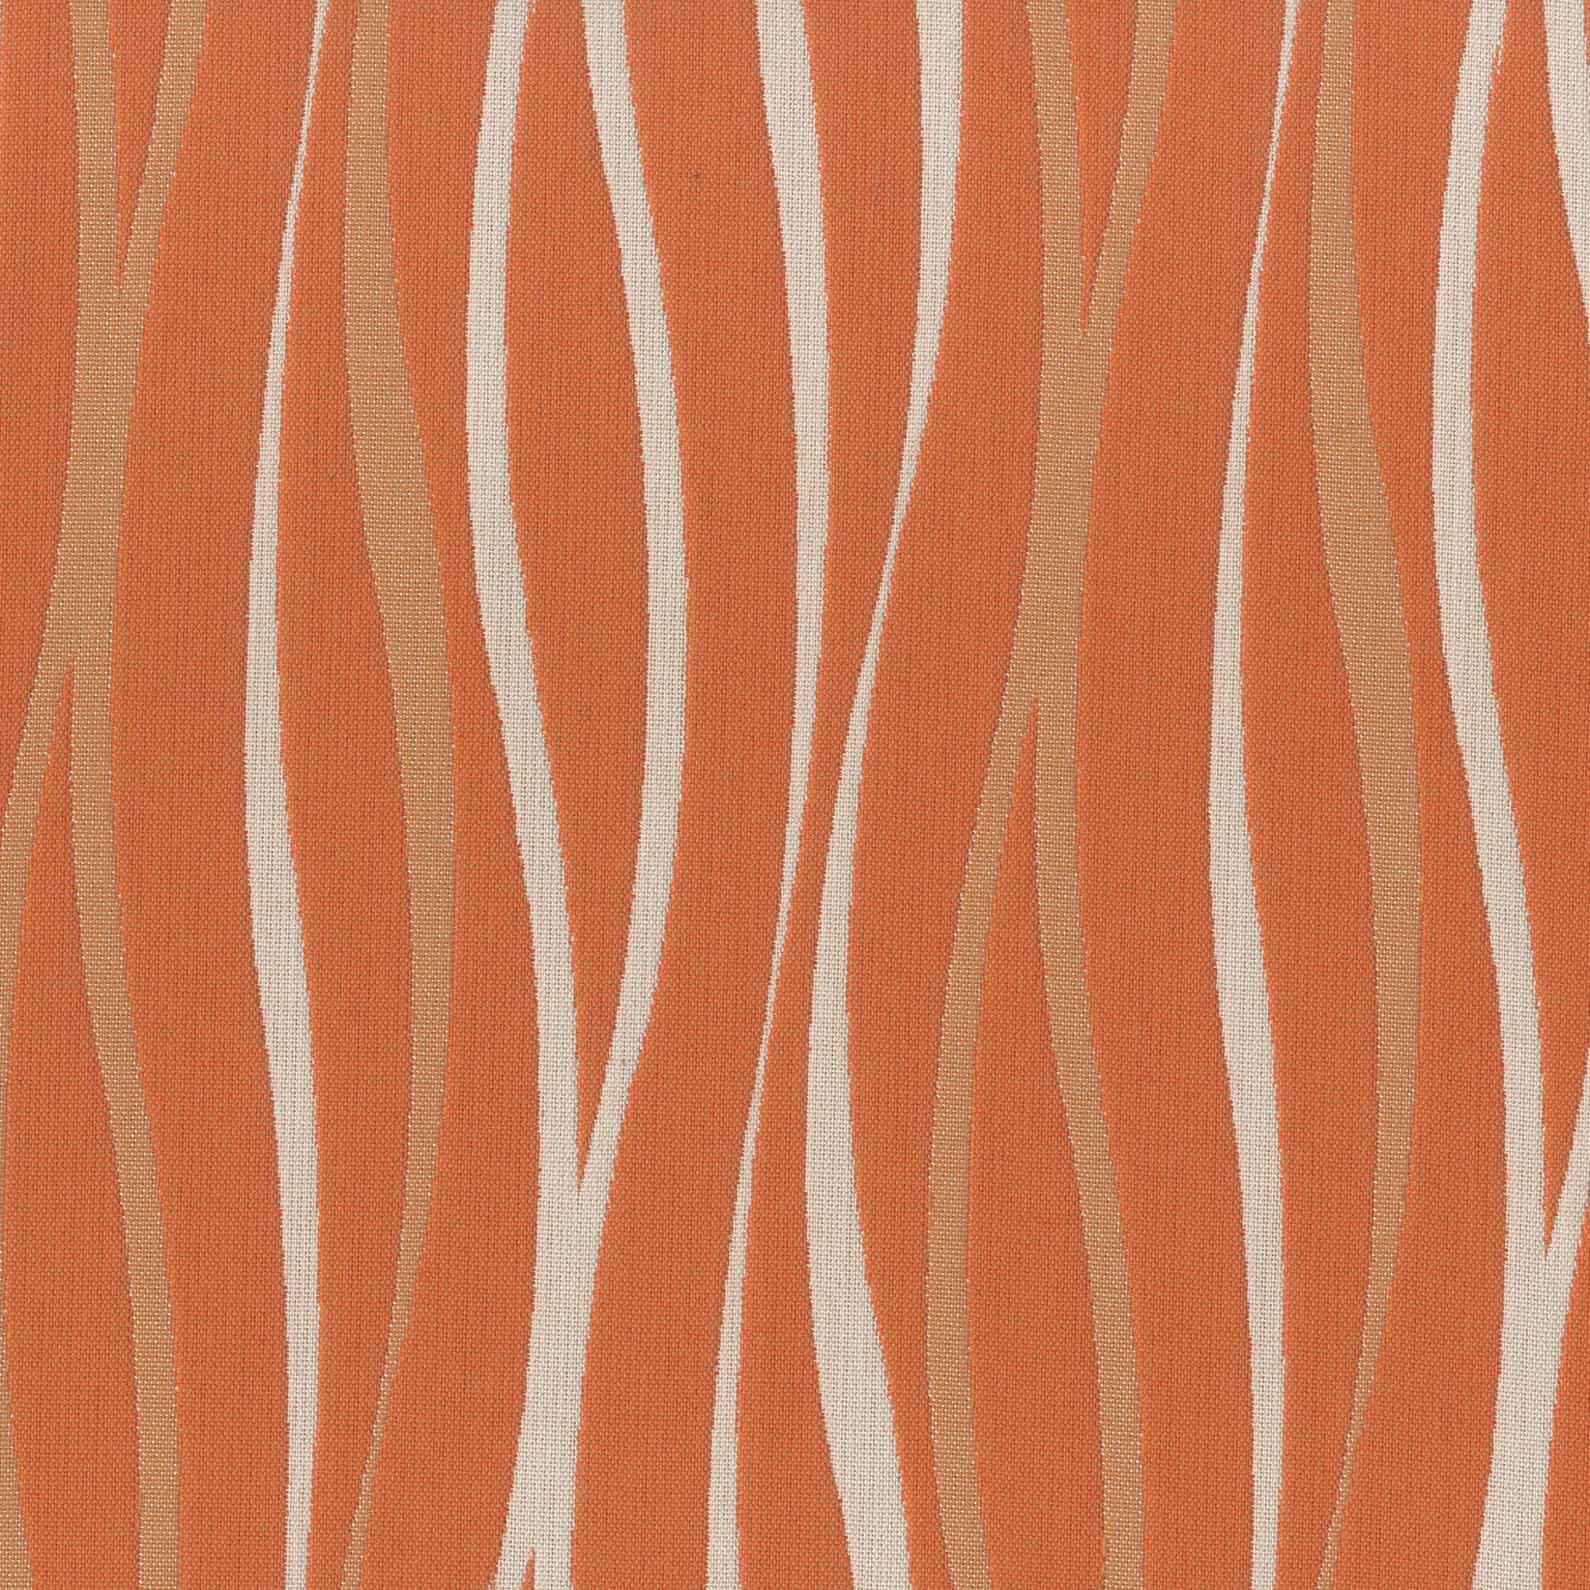 Carrara Apricot